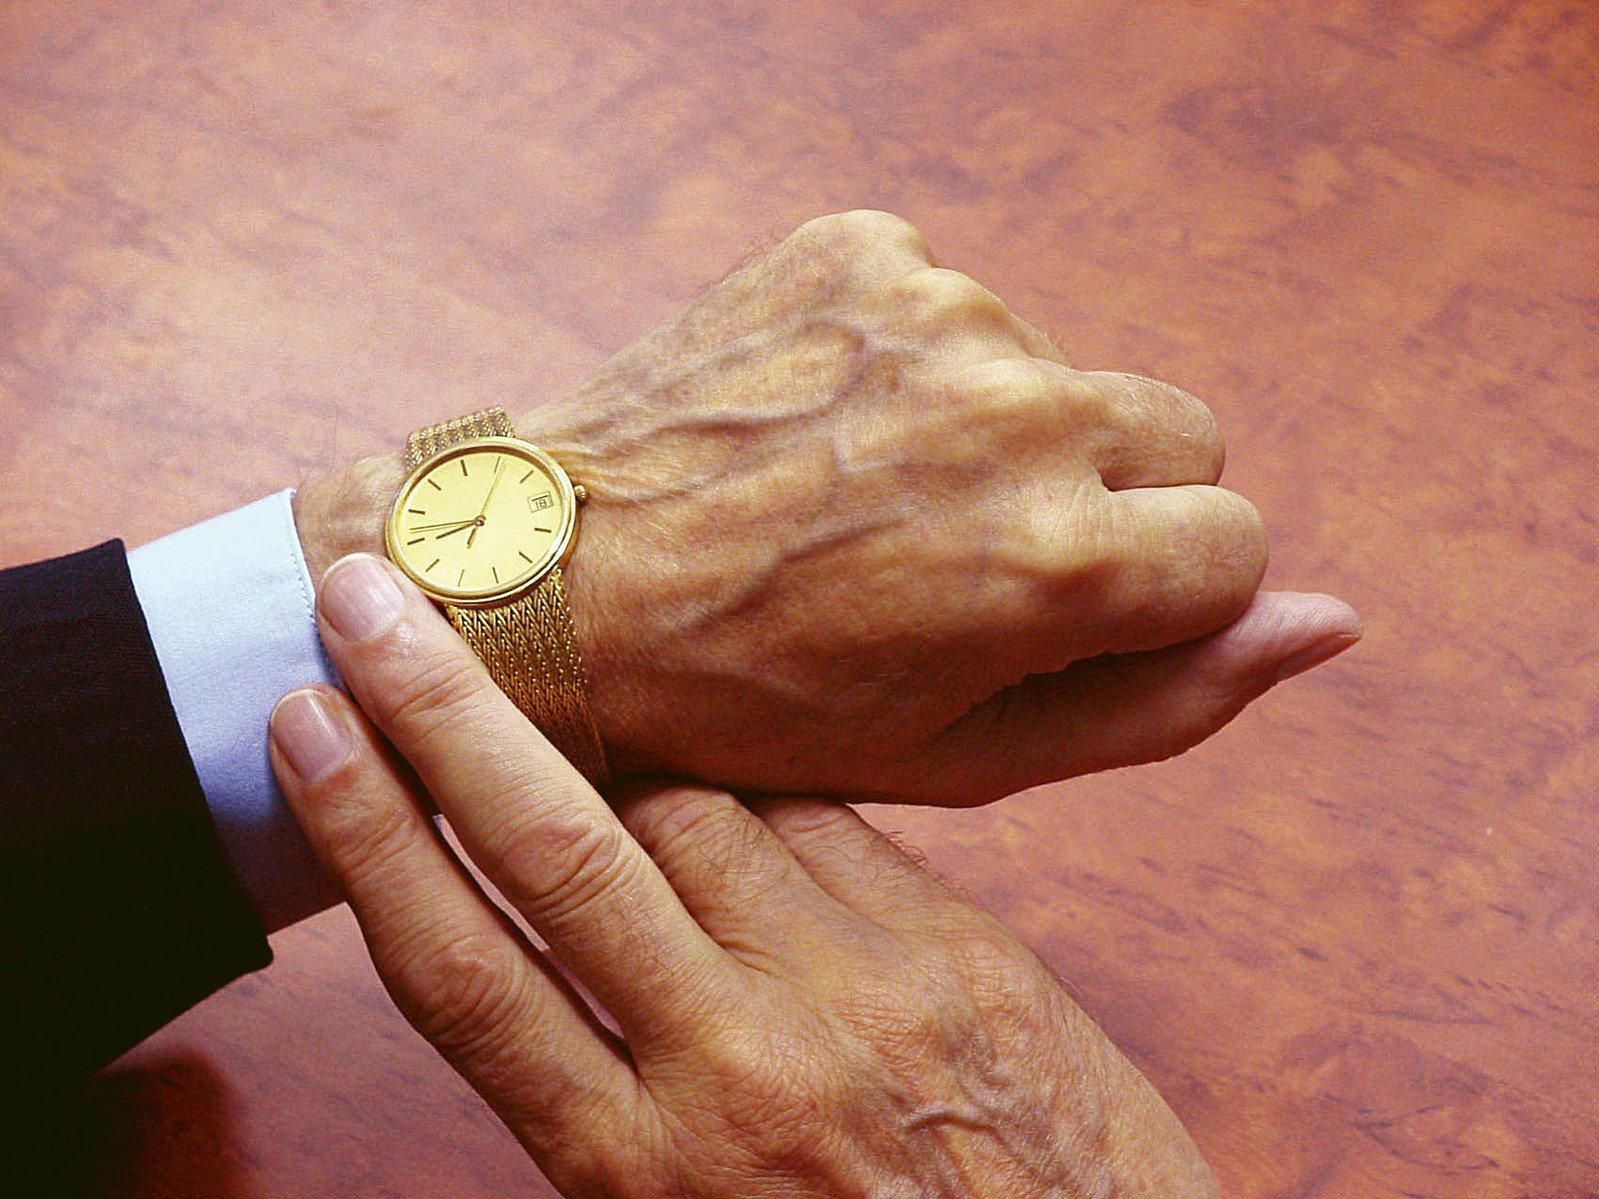 zlaté hodinky na ruce